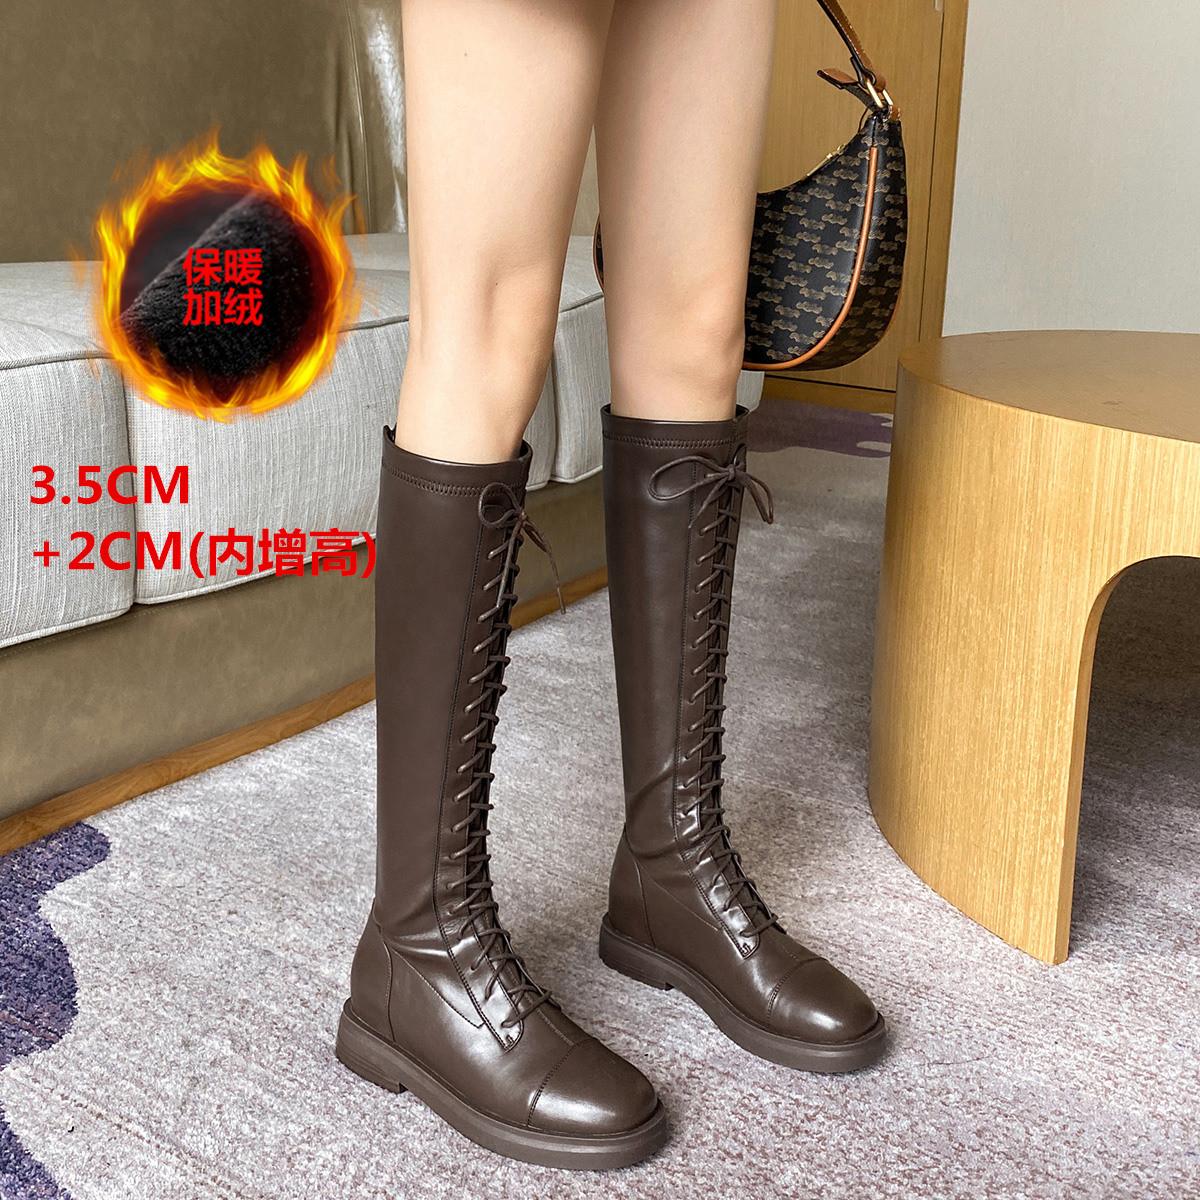 【内**】加绒新款平跟显瘦皮靴骑士靴机车靴长筒靴女士靴子女靴